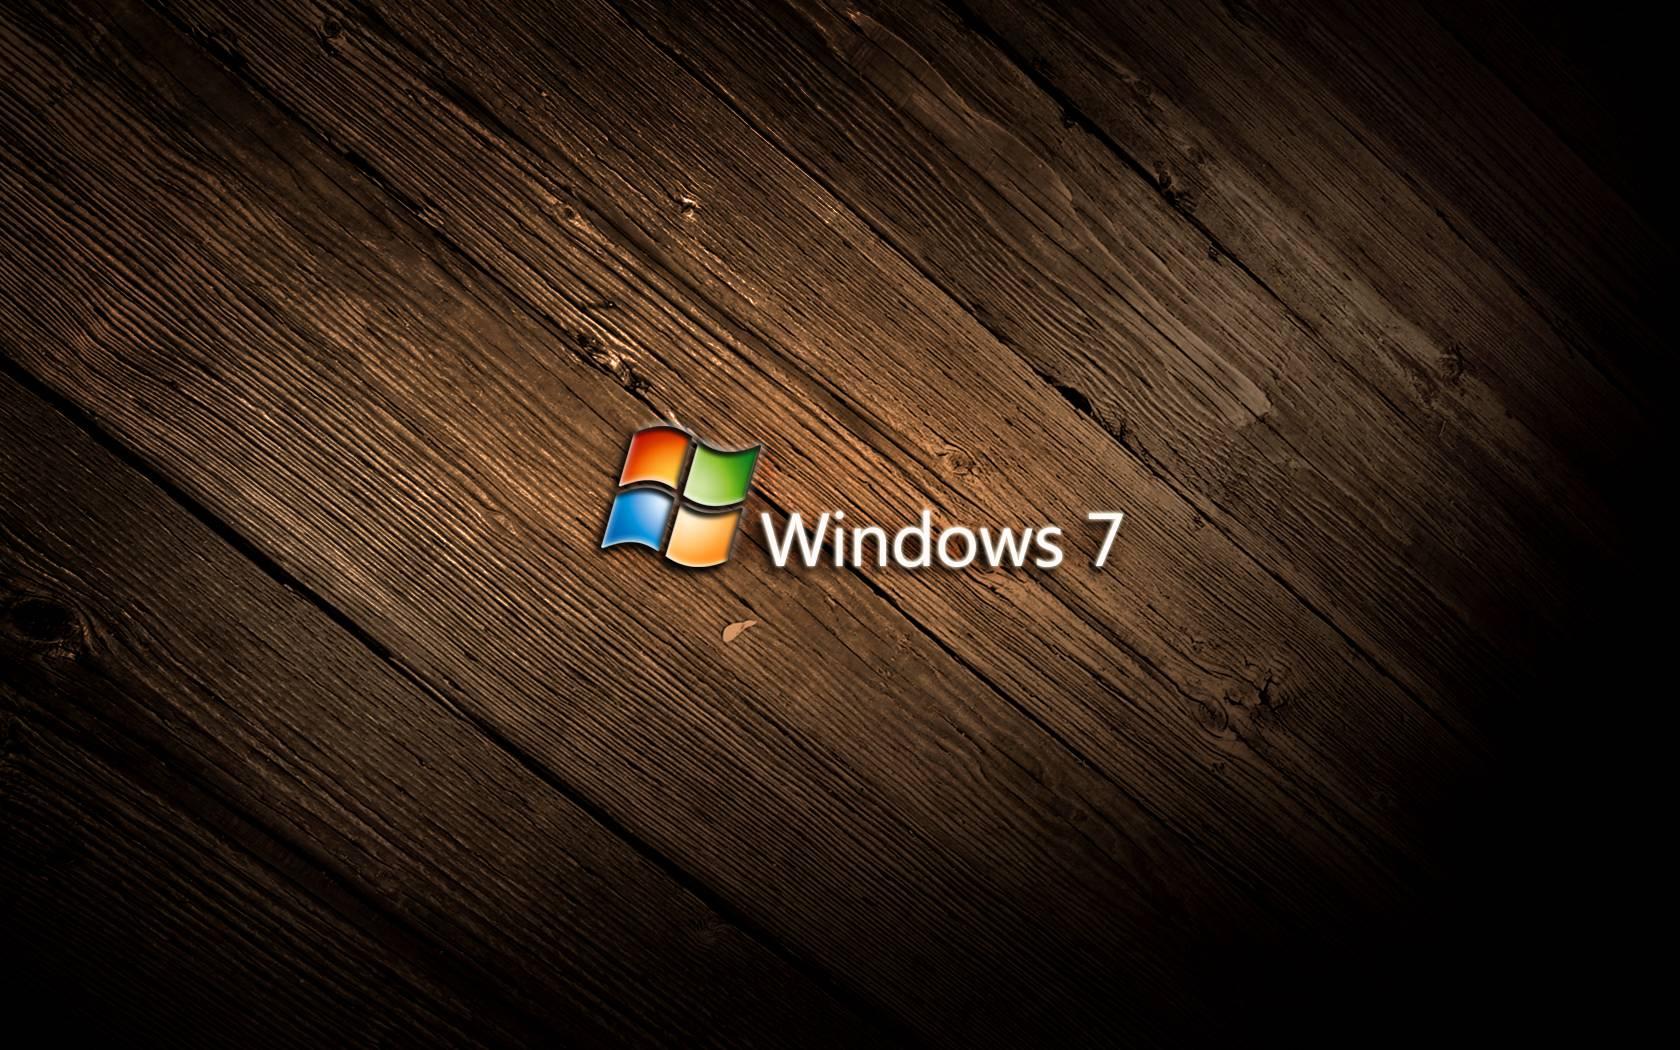 Dell Windows 7 Ultimate Wallpaper - WallpaperSafari